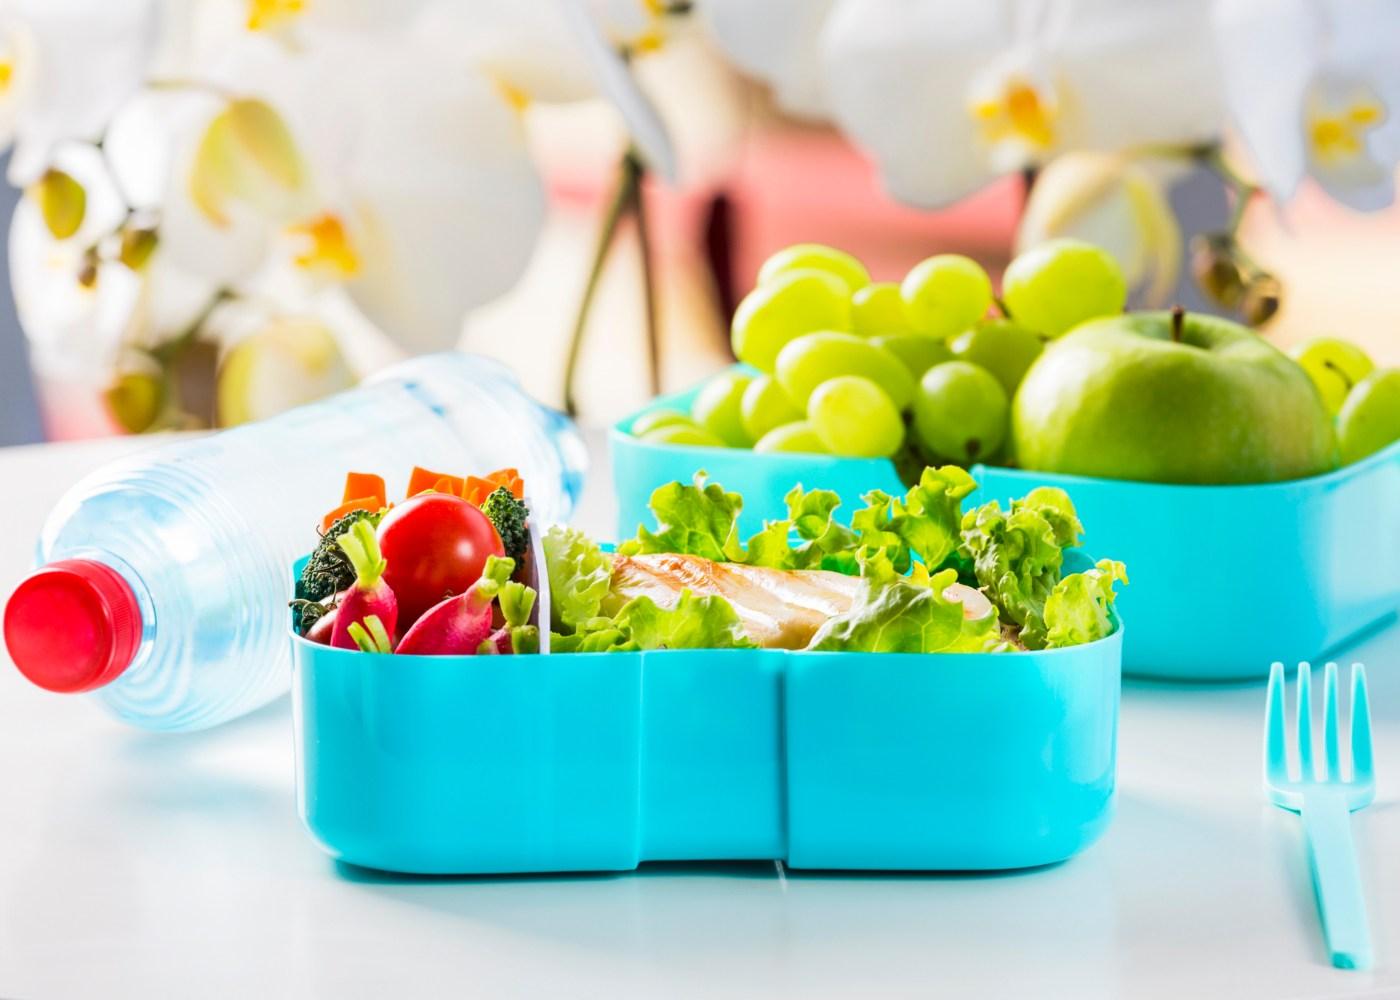 marmita com salada e outra com fruta